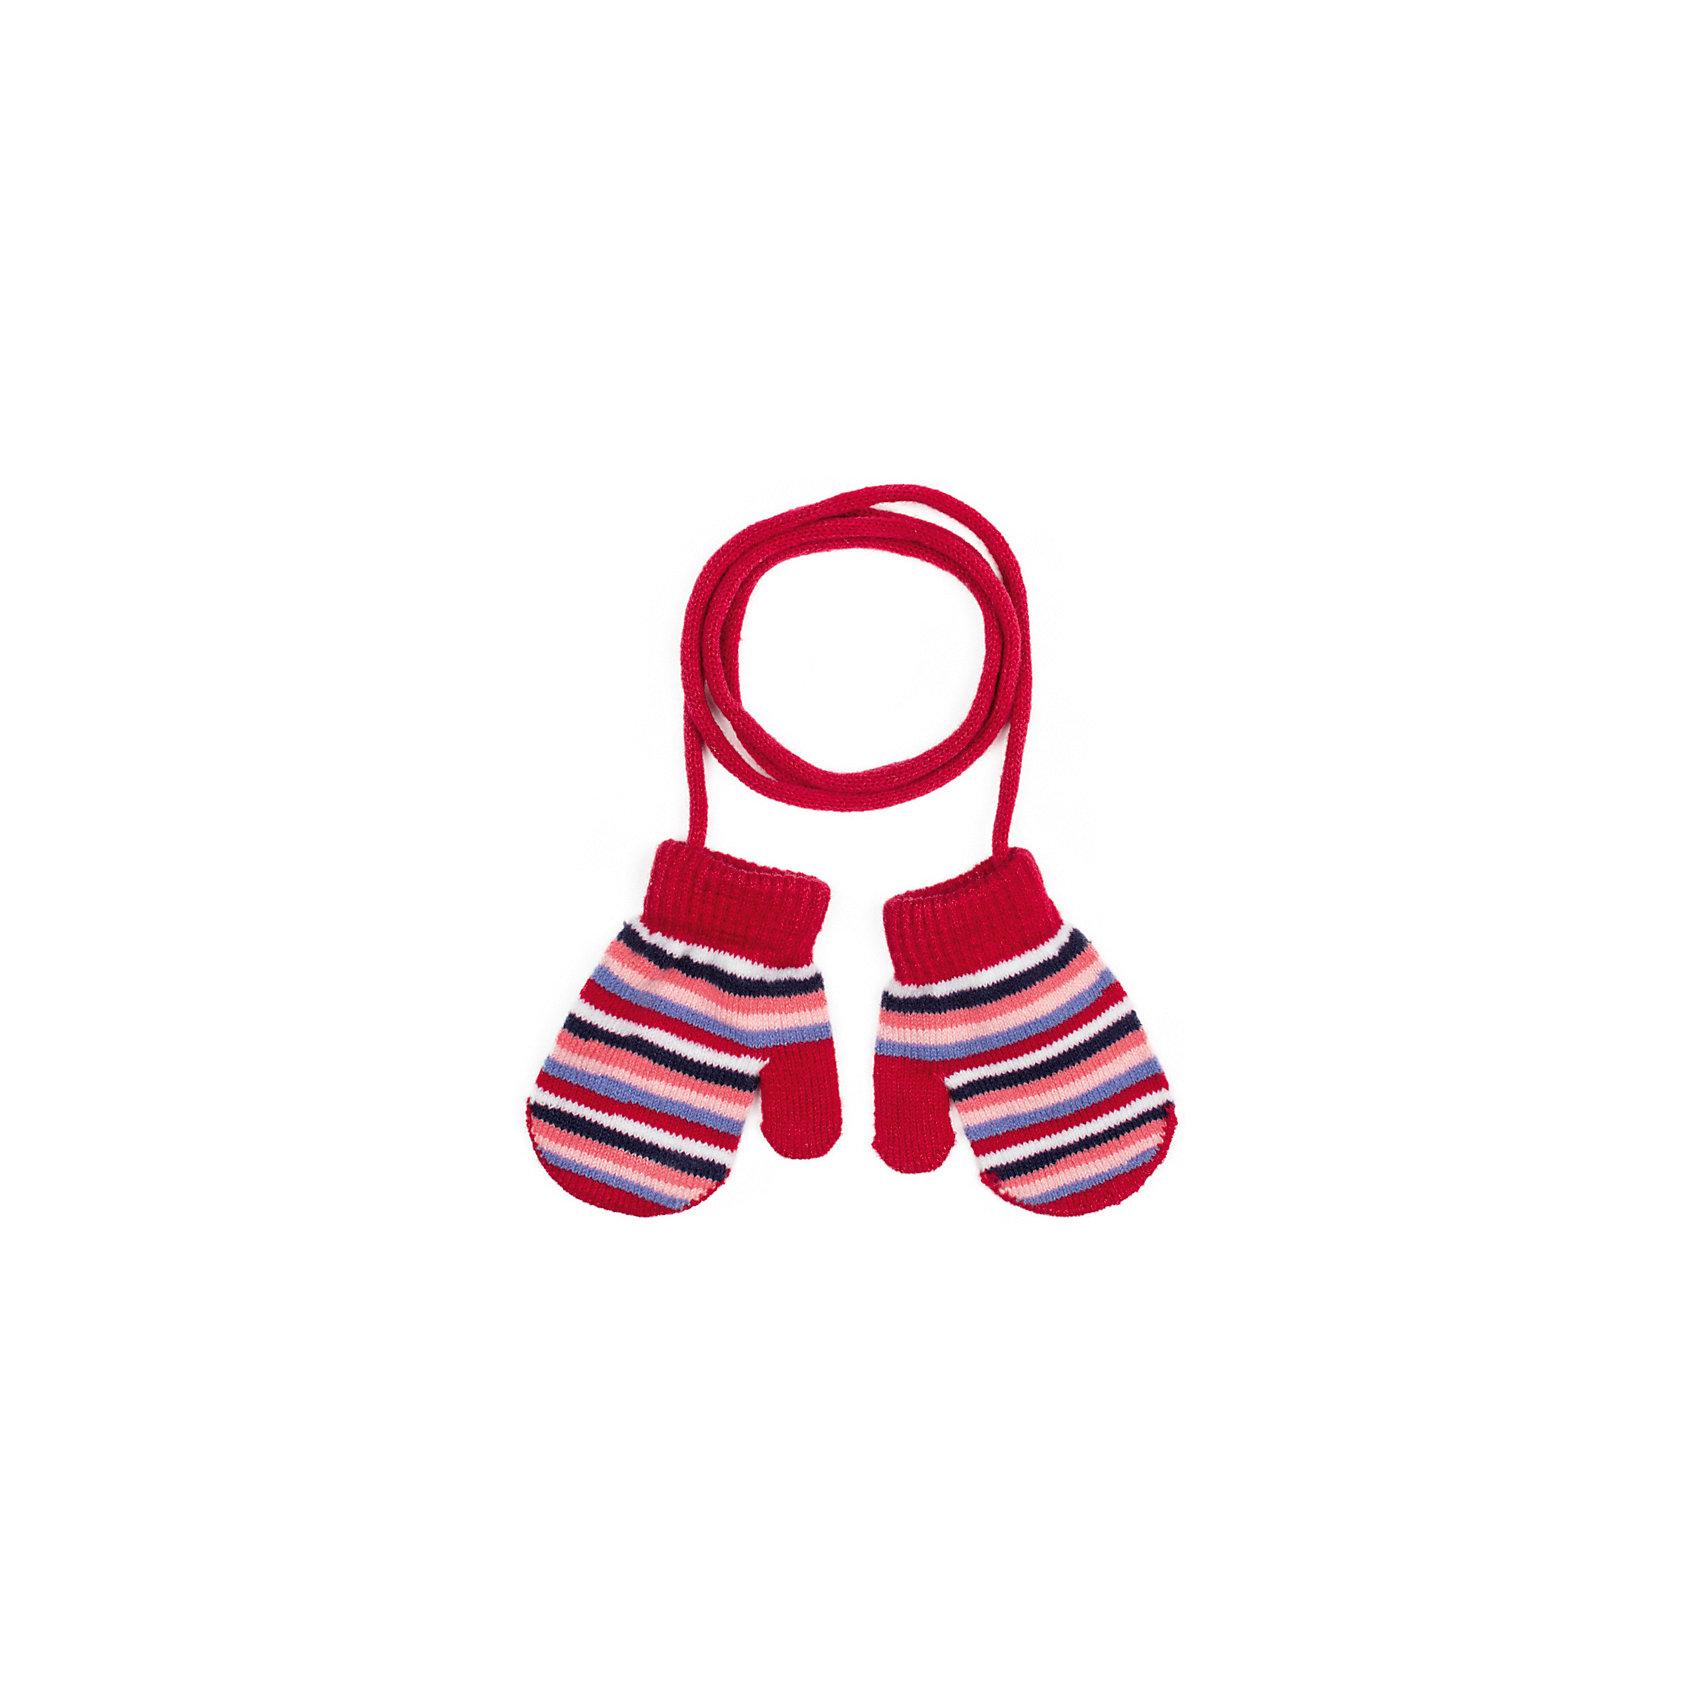 Варежки PlayToday для девочкиПерчатки, варежки<br>Варежки PlayToday для девочки<br>Двуслойные вязаные варежки - отличное решение для холодной погоды. Модель на веревке, удобно протягивать через рукава верхней одежды. Такие варежки ребенок никогда не потеряет. Изделие выполнено в технике - yarn dyed - в процессе производства используются разного цвета нити. При рекомендуемом уходе изделие не линяет и надолго остается в первоначальном виде.<br>Состав:<br>100% акрил<br><br>Ширина мм: 162<br>Глубина мм: 171<br>Высота мм: 55<br>Вес г: 119<br>Цвет: белый<br>Возраст от месяцев: 24<br>Возраст до месяцев: 36<br>Пол: Женский<br>Возраст: Детский<br>Размер: 1,0<br>SKU: 7106342